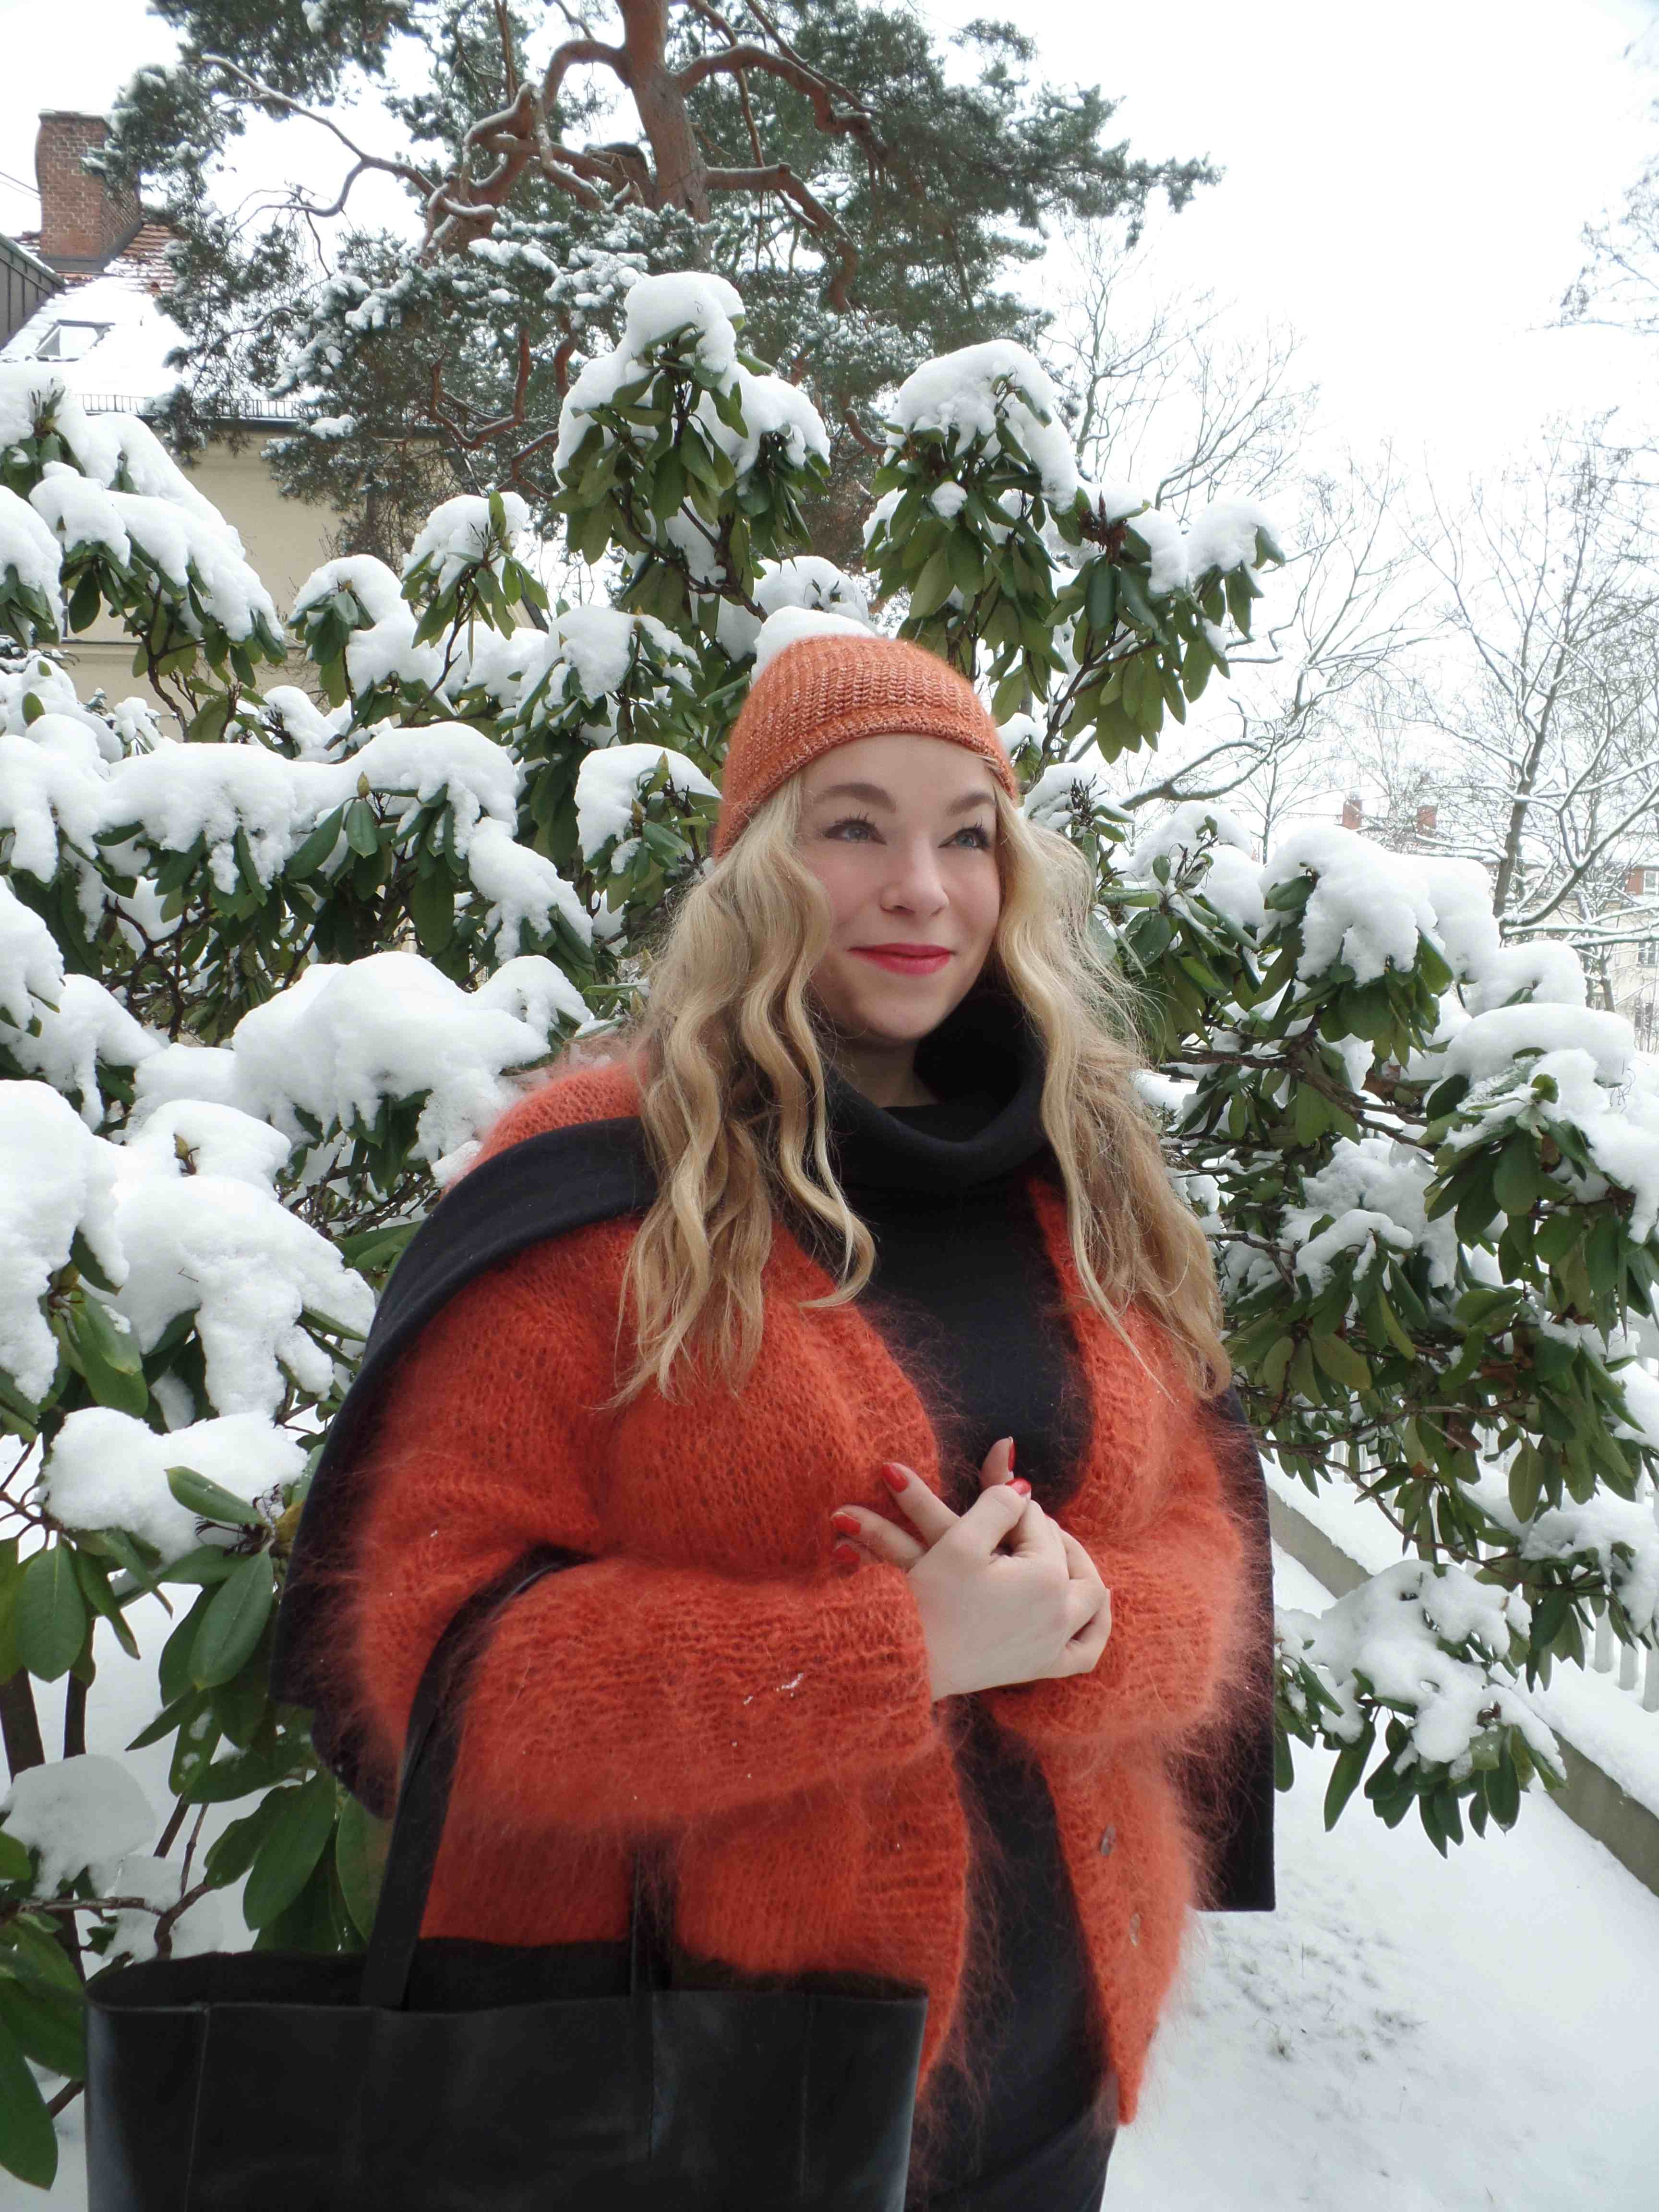 caterina-pogorzelski-Outfit-Blogger- Berlin- Plussize- Curvy-megabambi